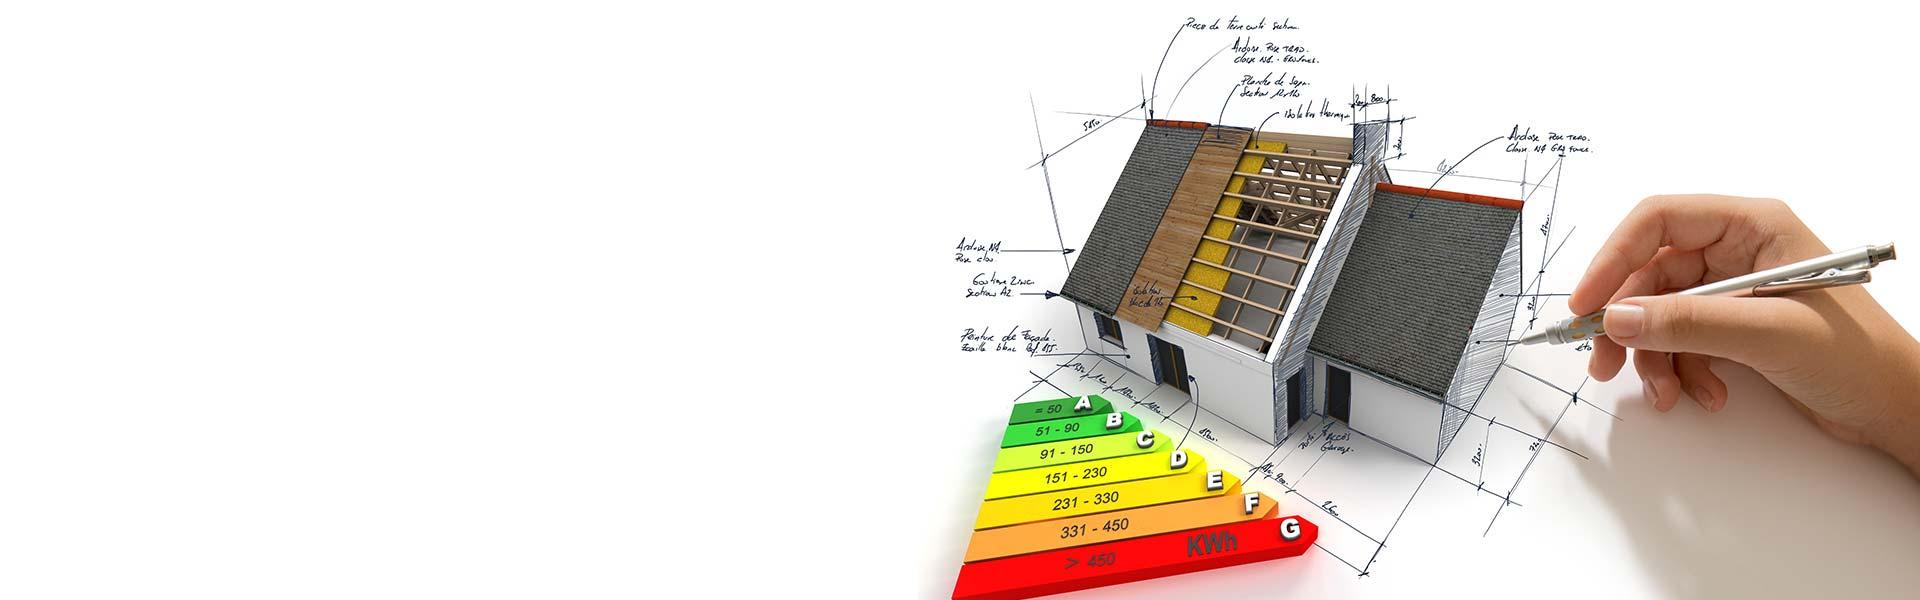 Mit der Software für Dachdecker schnell Dächer designen